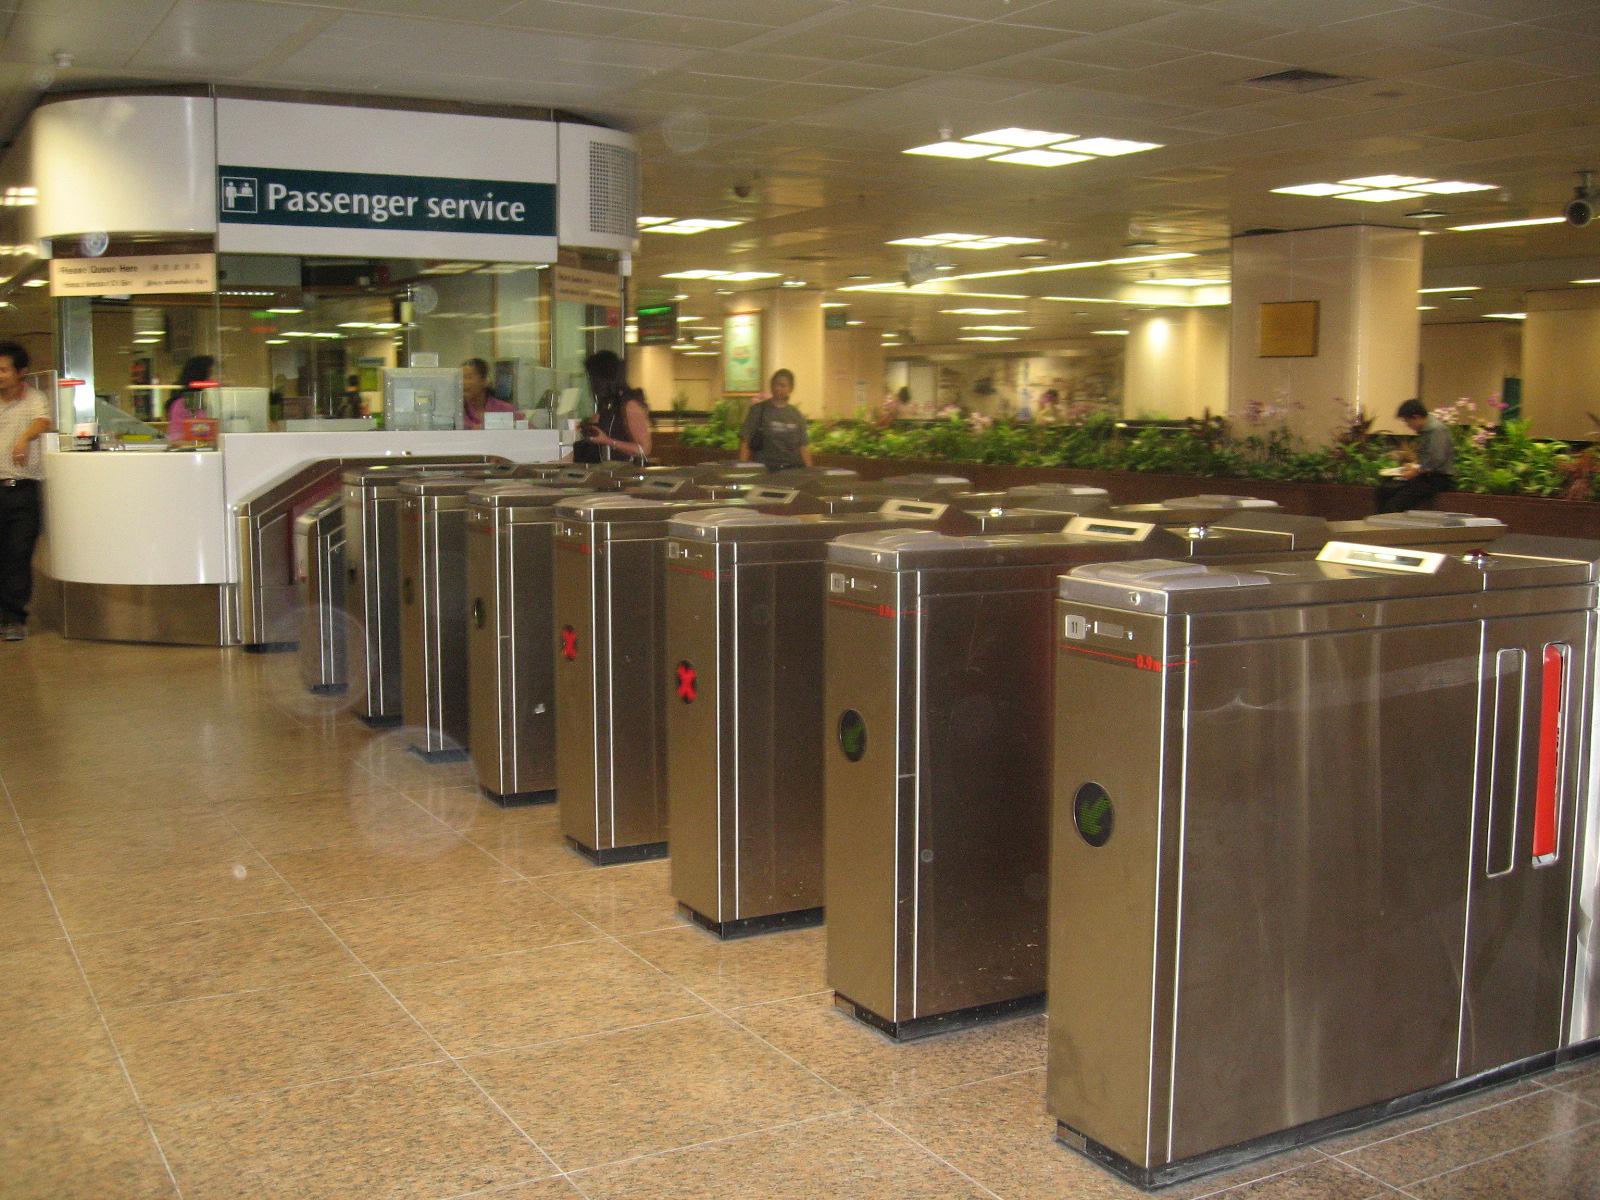 Quầy bán vé tại nhà ga (Passenger service)